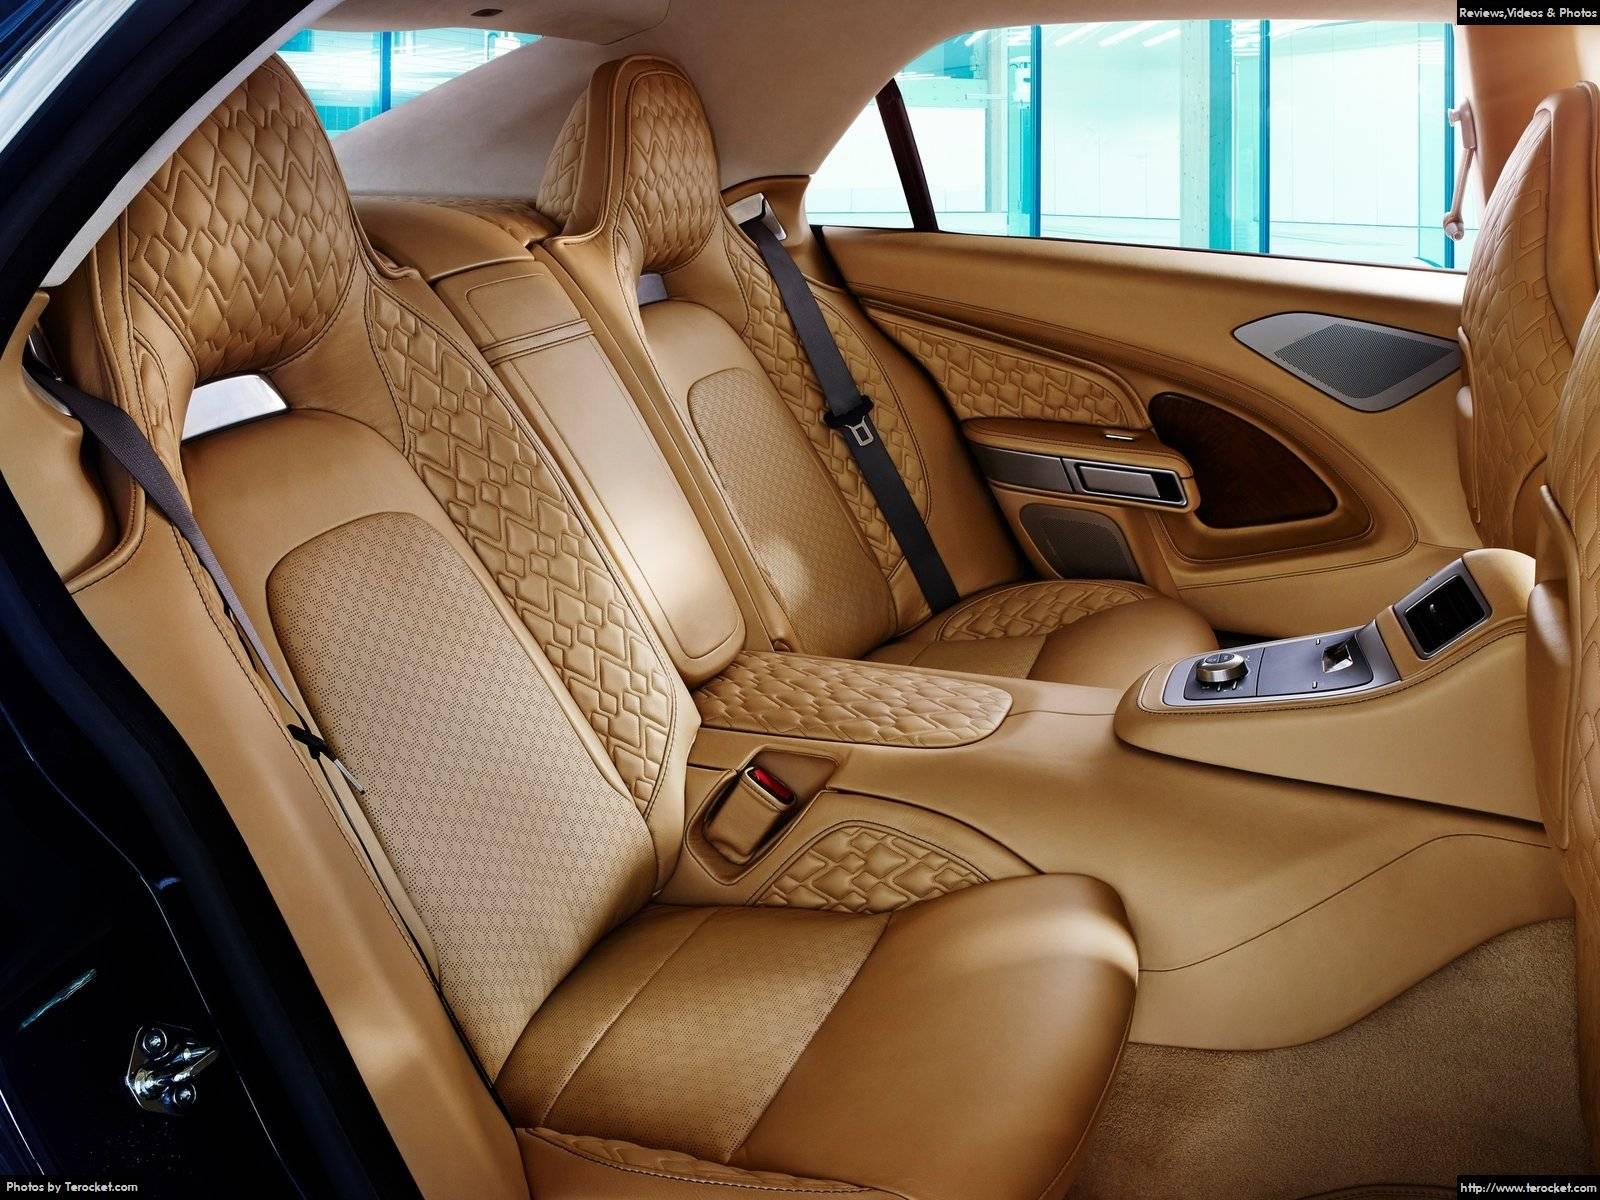 Siêu xe đạt mọi tiêu chuẩn hoàng gia bởi sự hiếm có, đắt giá và sang chảnh